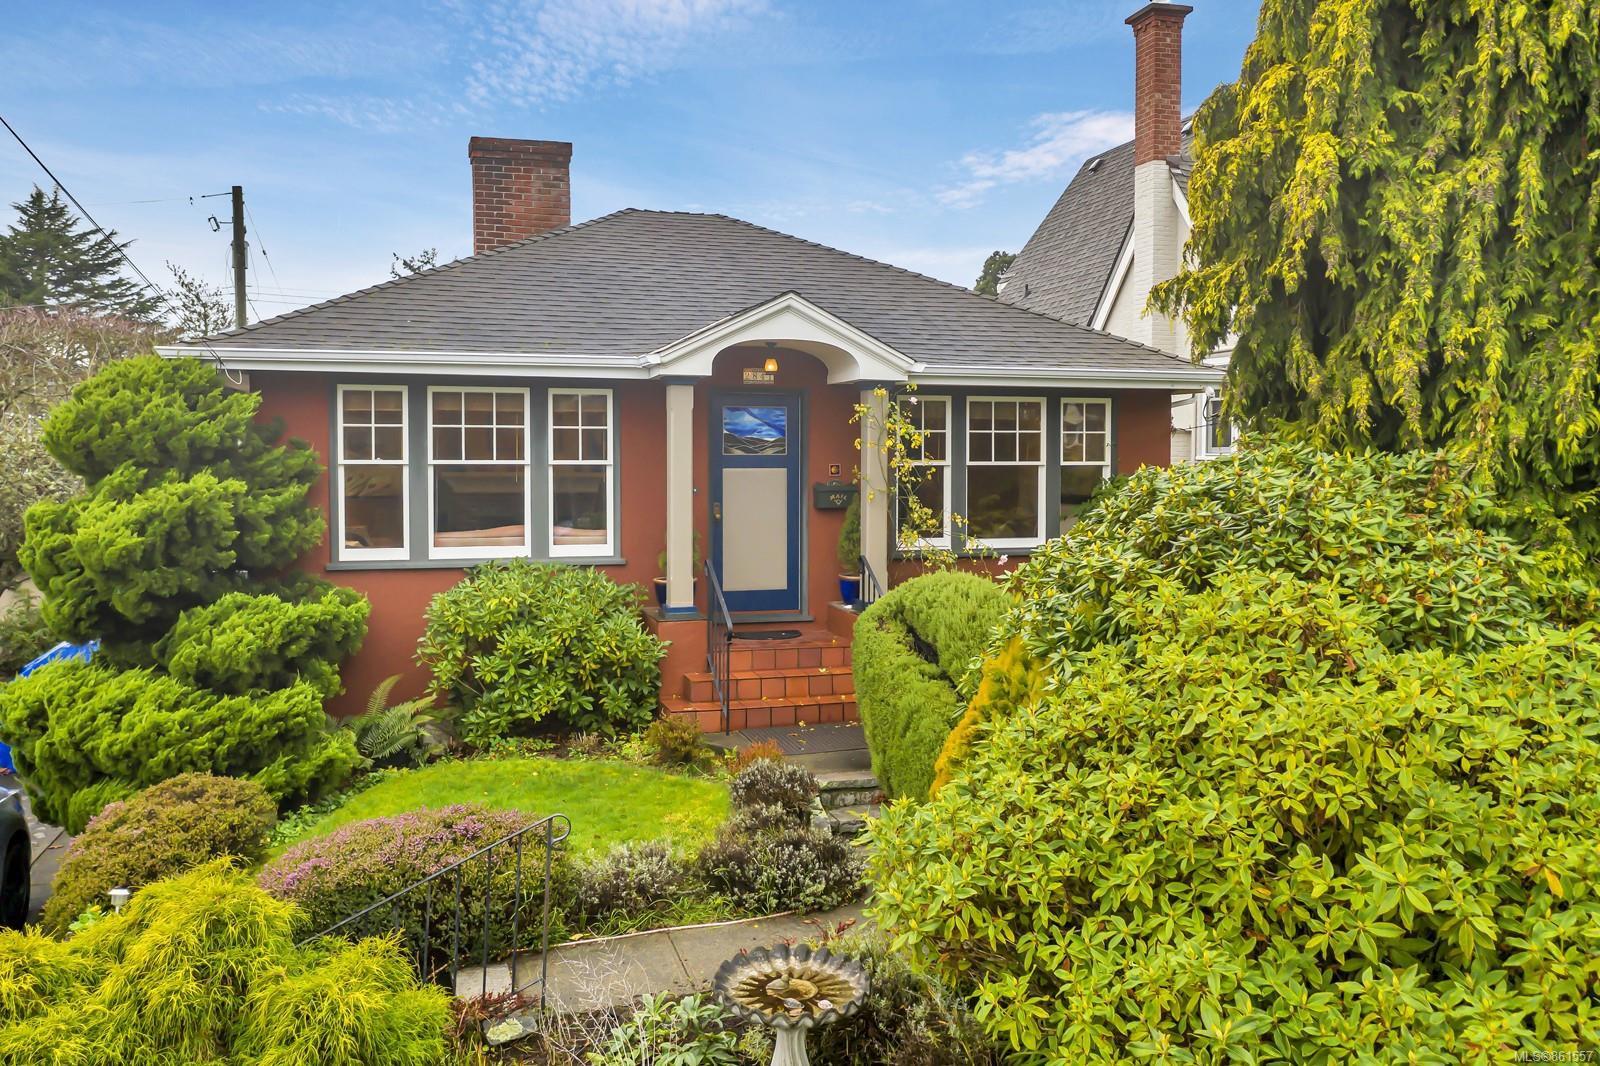 Main Photo: 2841 Dewdney Ave in : OB Estevan House for sale (Oak Bay)  : MLS®# 861557